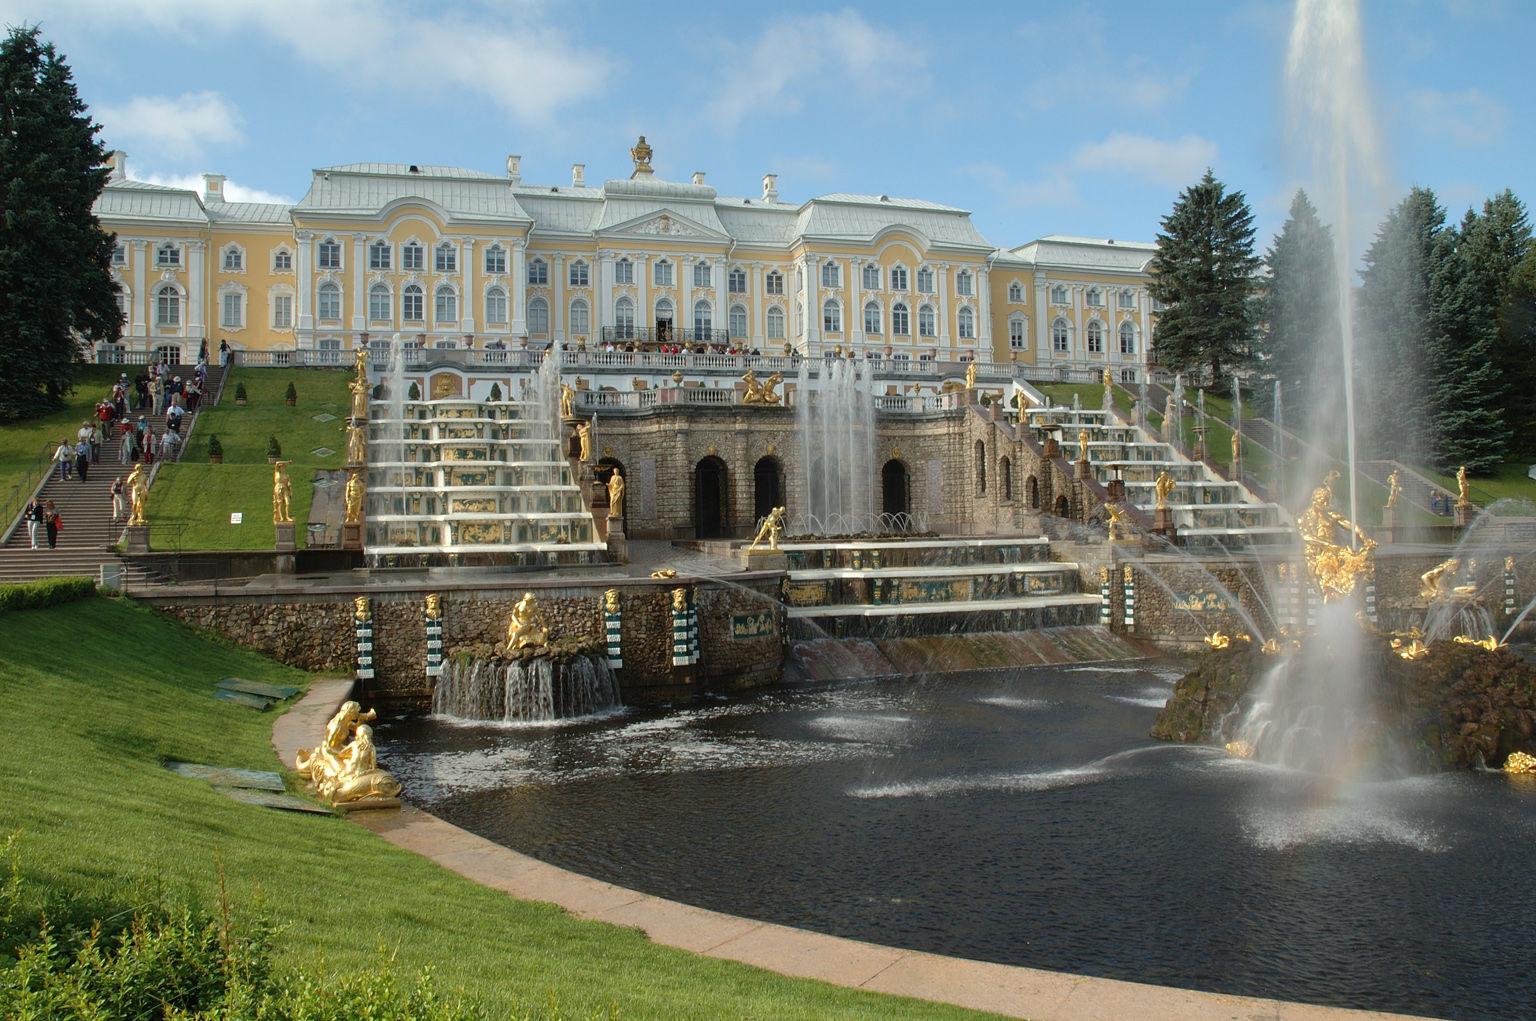 Peterhof inclusief paleis en tuinen